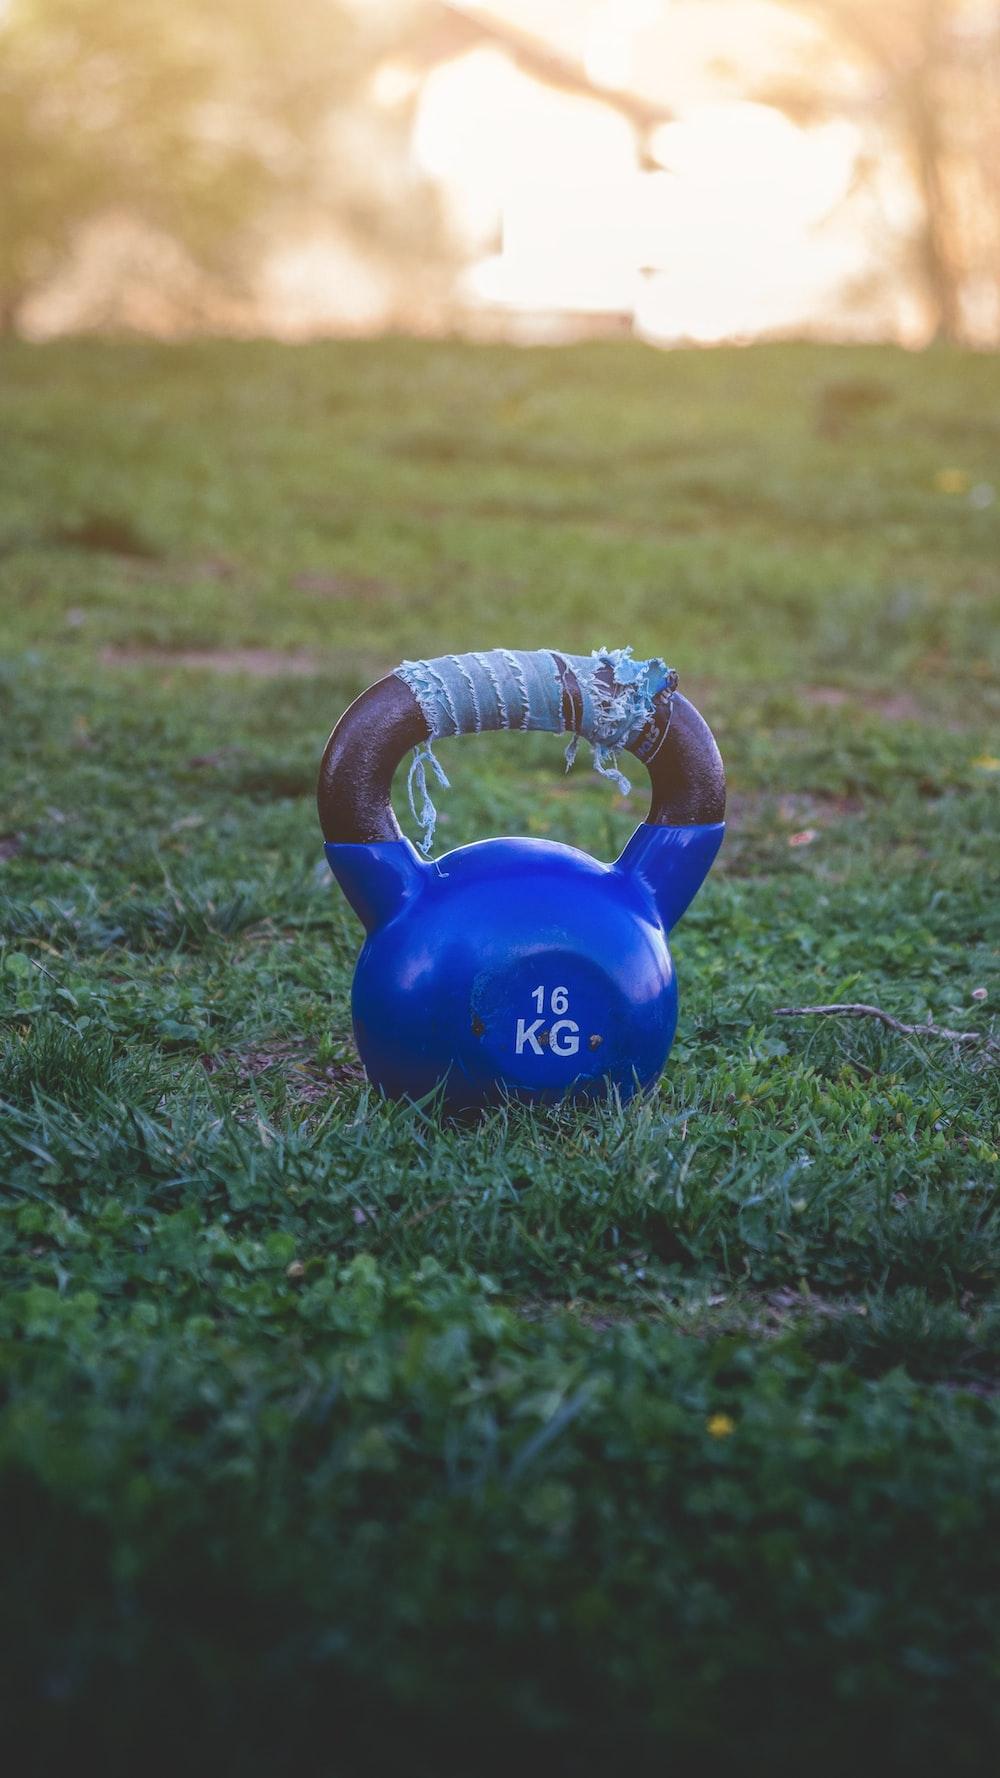 16 kg kettlebell on grass